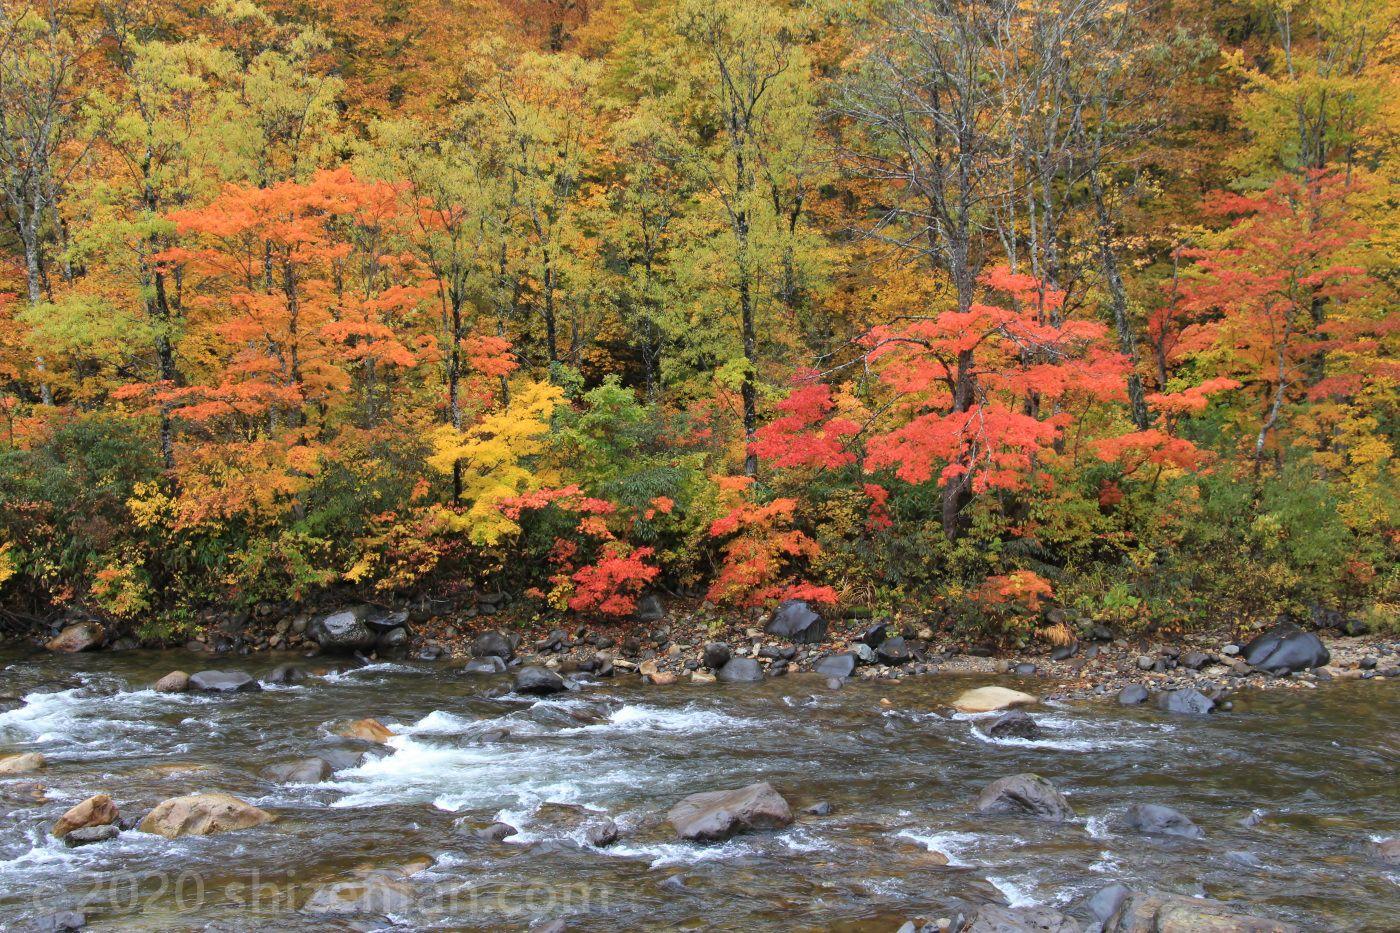 川と色とりどりの紅葉(金泉橋付近)